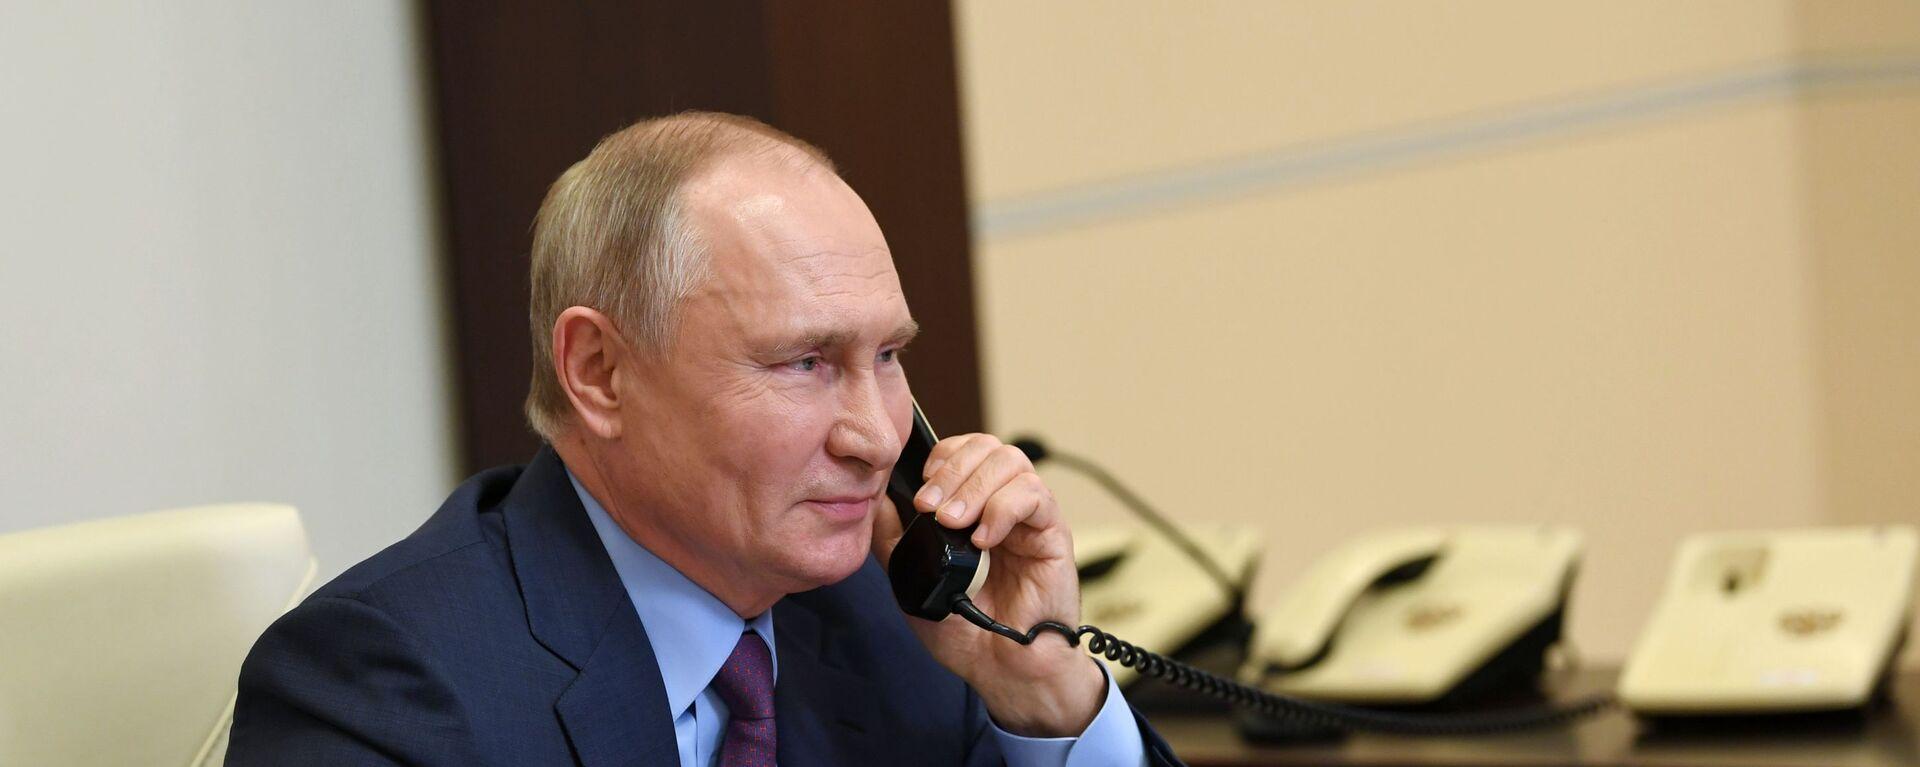 Президент России Владимир Путин, архивное фото - Sputnik Беларусь, 1920, 26.01.2021